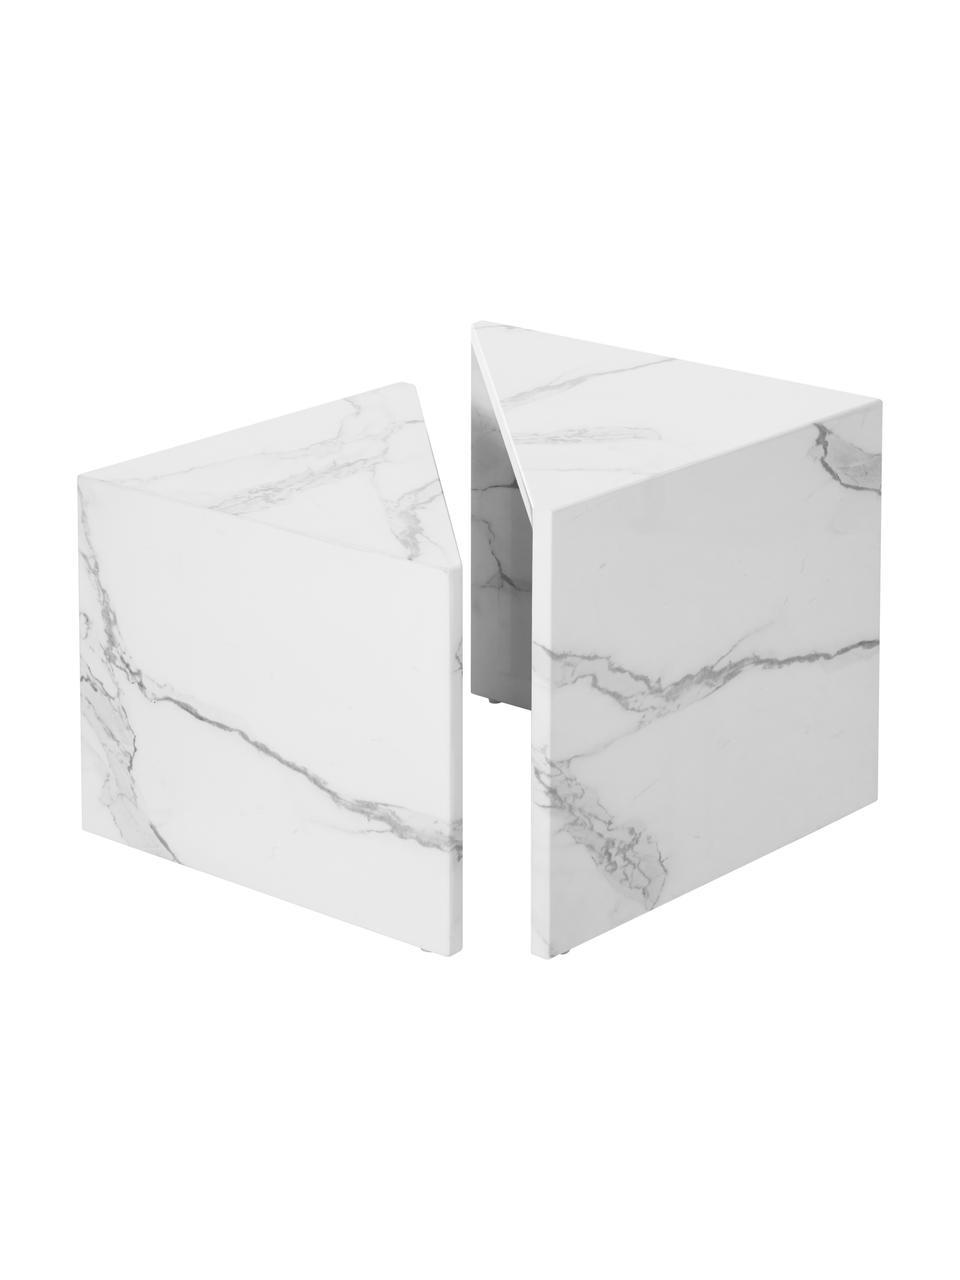 Komplet stolików kawowych z imitacją marmuru Vilma, 2 elem., Płyta pilśniowa średniej gęstości (MDF) pokryta lakierem z wzorem marmurowym, Biały, wzór marmurowy, błyszczący, Komplet z różnymi rozmiarami